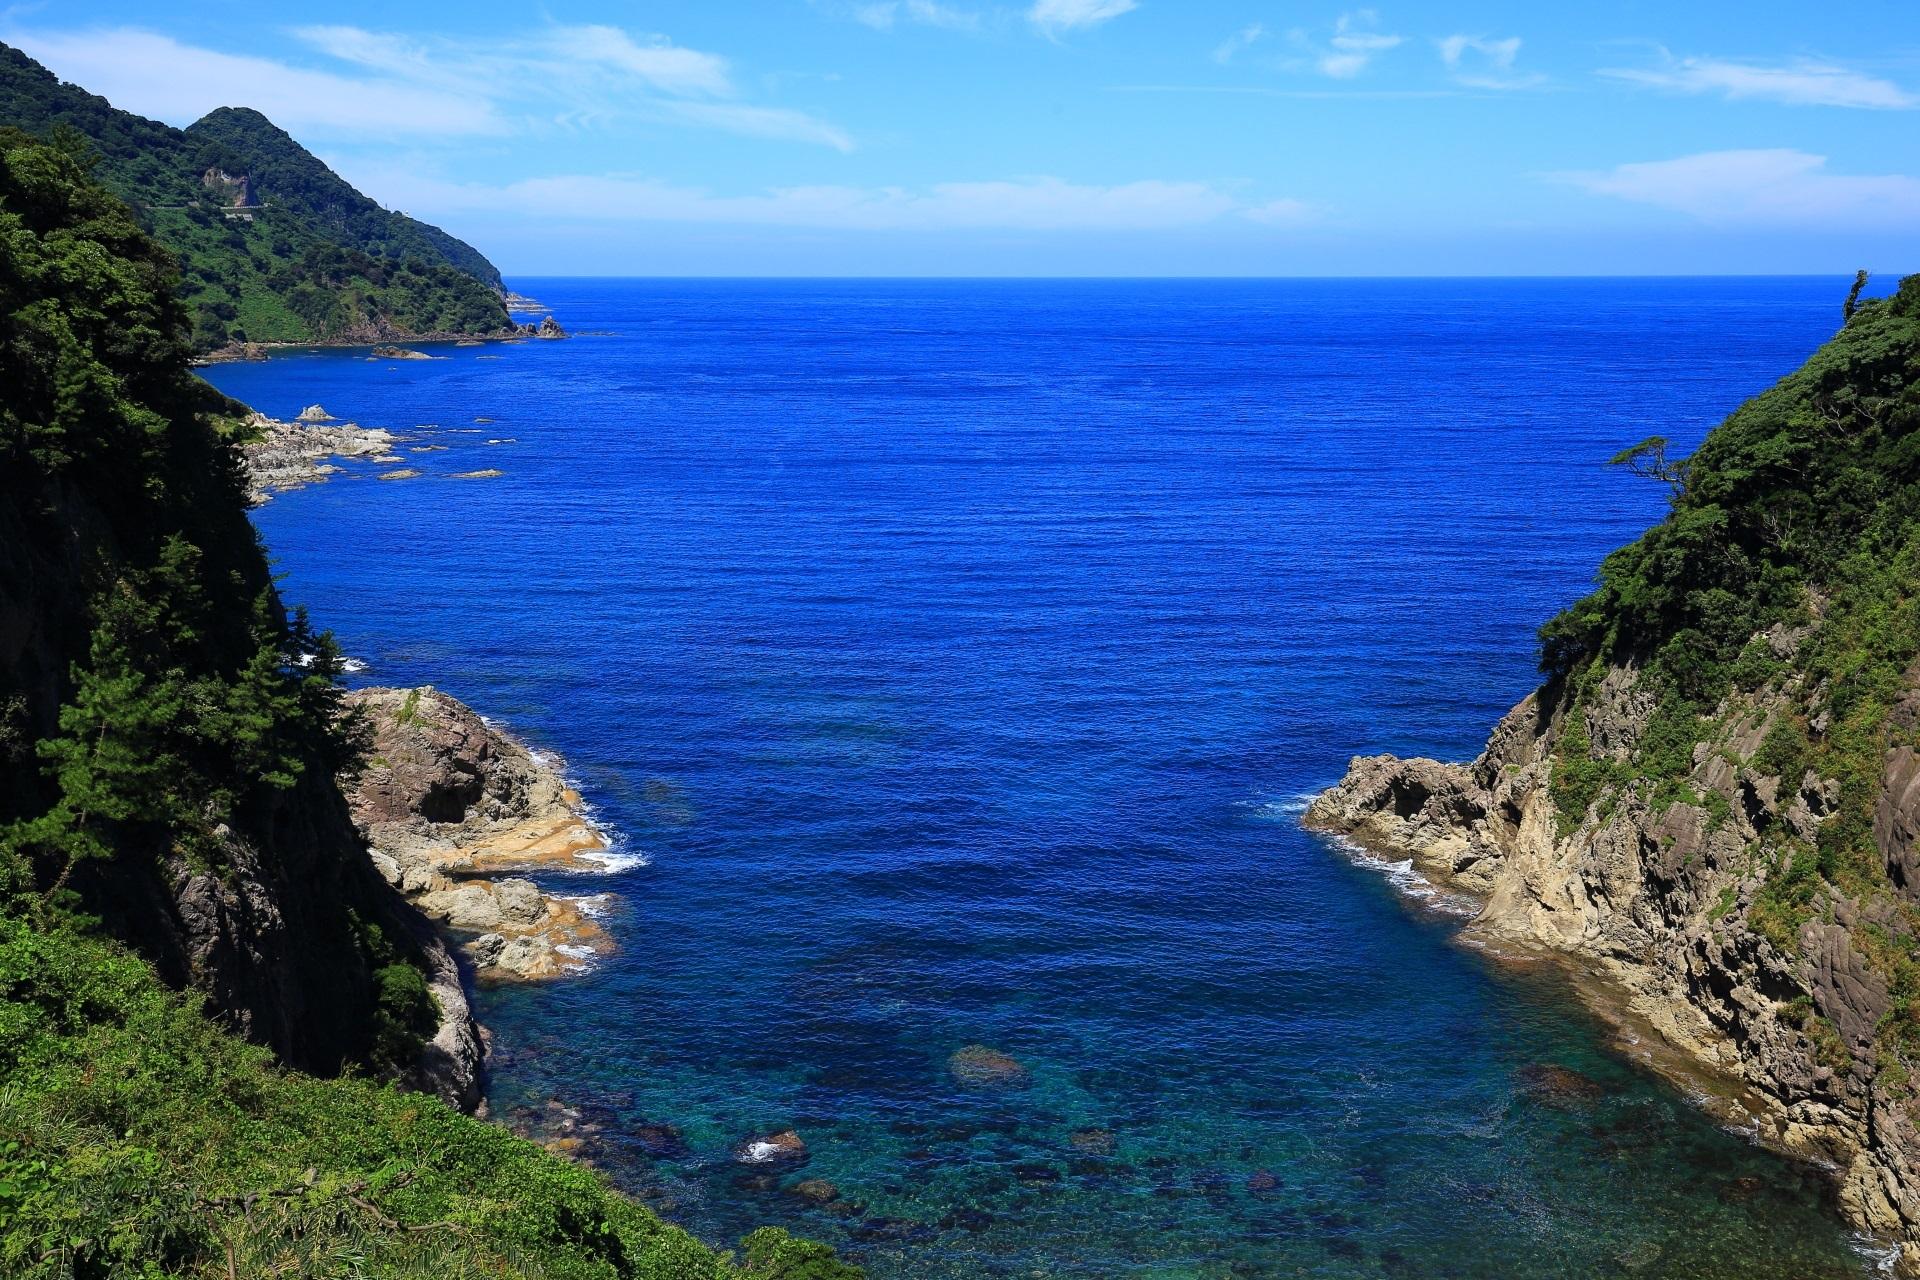 カマヤ海岸 断崖絶壁と美しい海の絶景